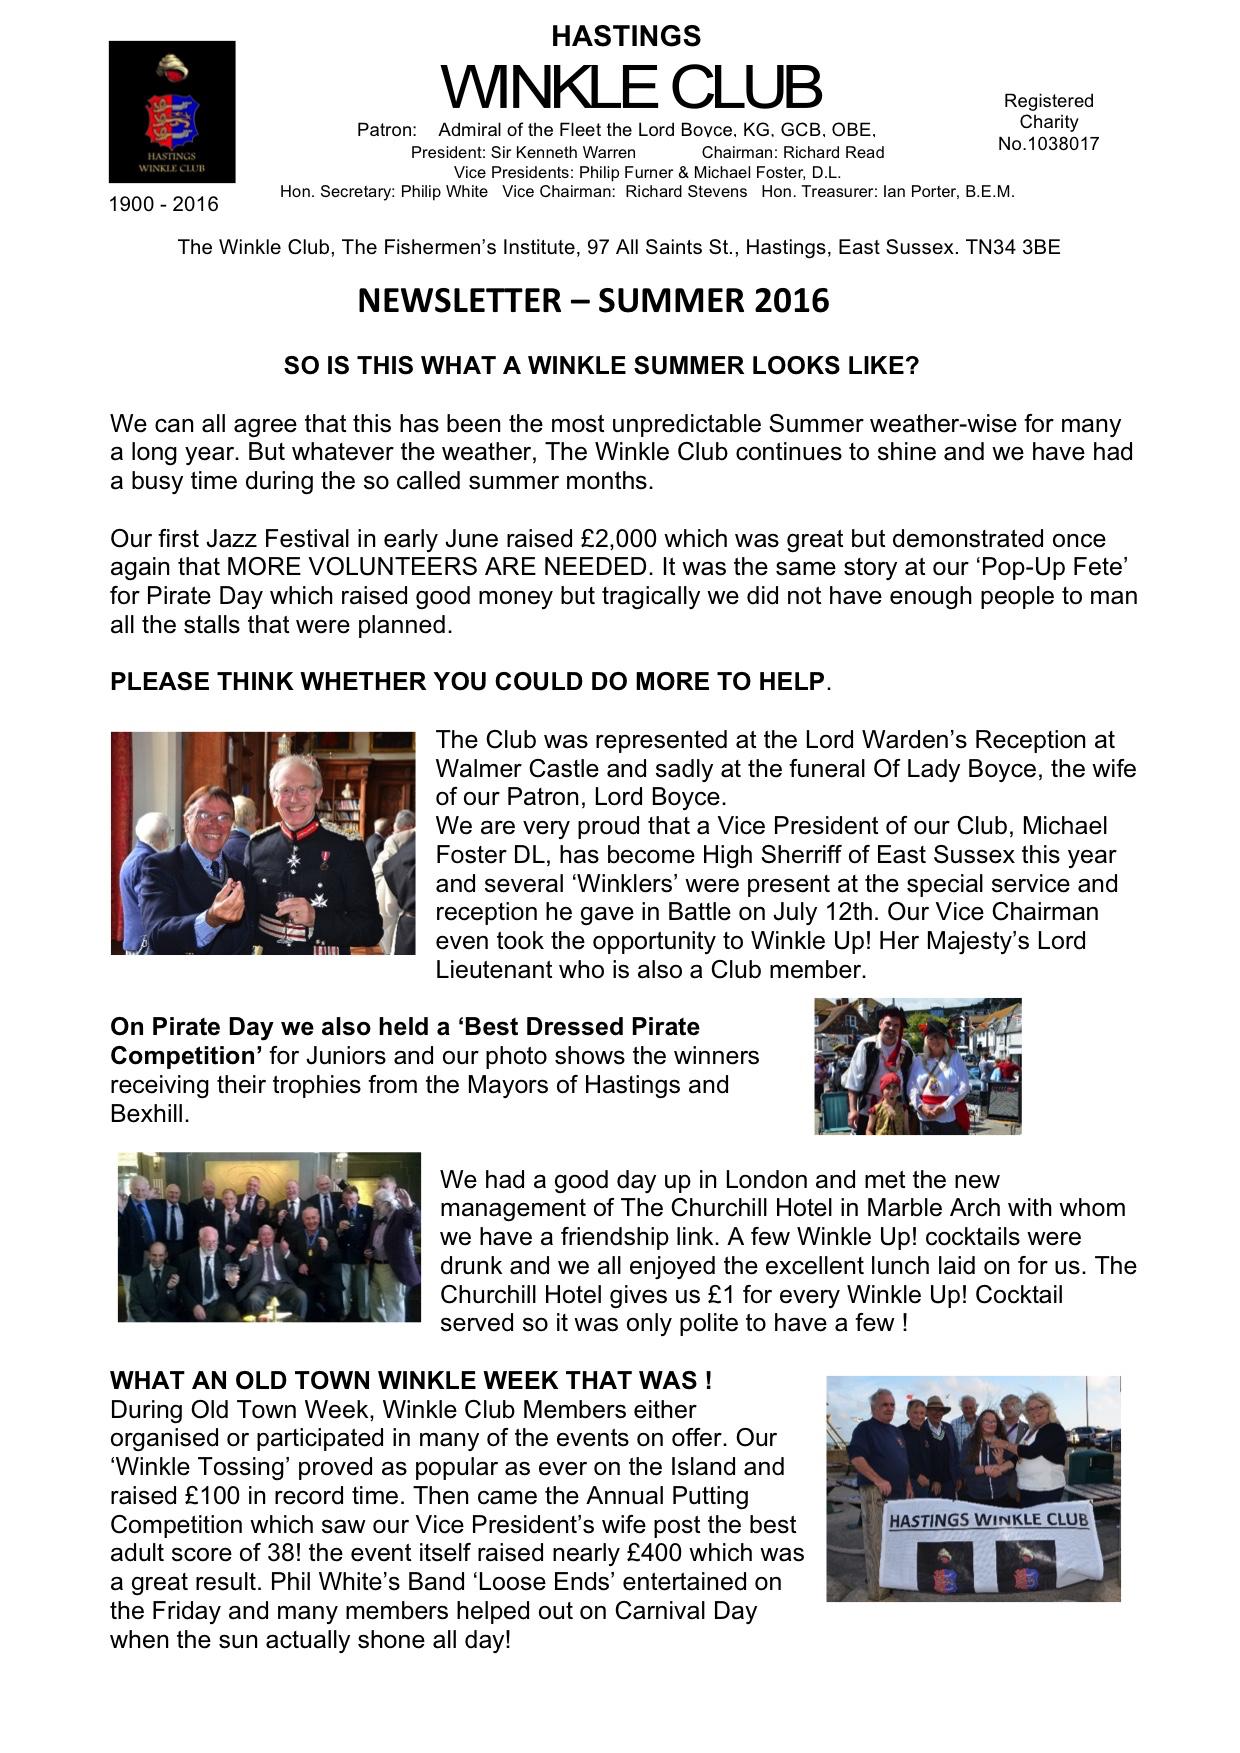 http://winkleclub.org/wp-content/uploads/2017/08/Newsletter-Summer2016.jpg